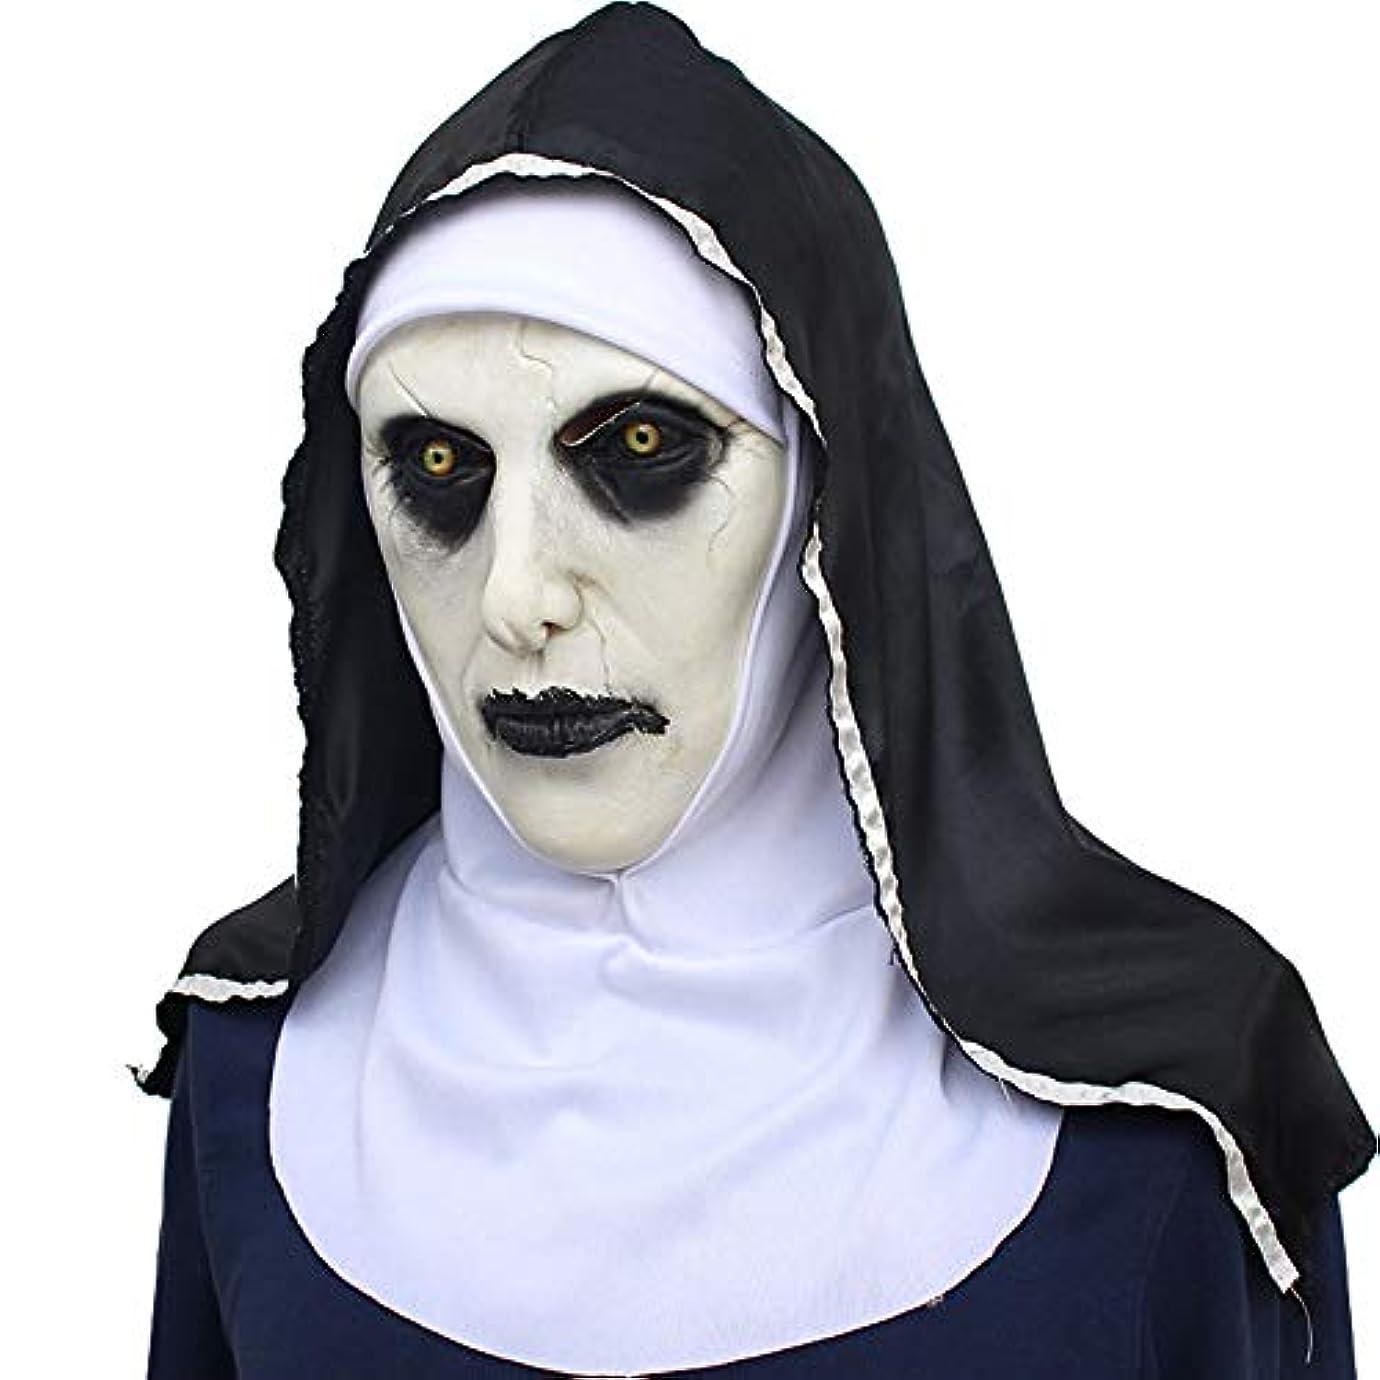 単位配管電気技師ハロウィーンラテックスマスクホラー修道女フェイスマスクパーティー怖い面白い小道具